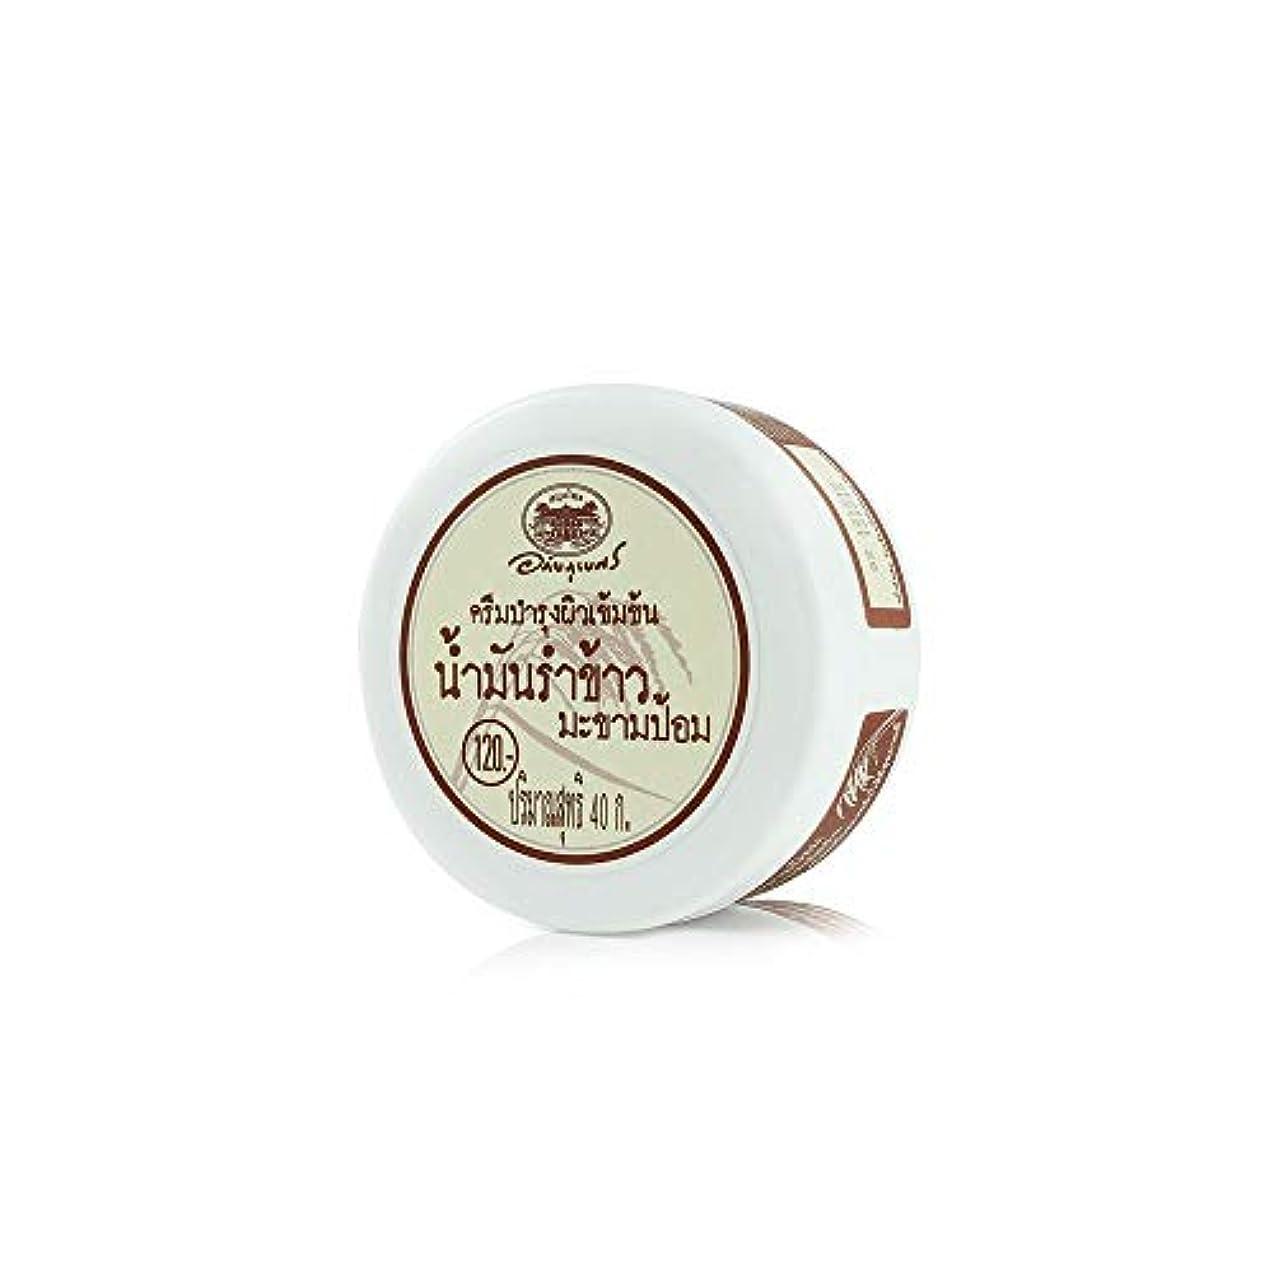 器用非難する民族主義Abhaibhubejhr Rice Bran Oil Plus Tamarind Extract Herbal Body Cream 40g. Abhaibhubejhrライスブランオイルプラスタマリンドエクストラクトハーブボディクリーム...